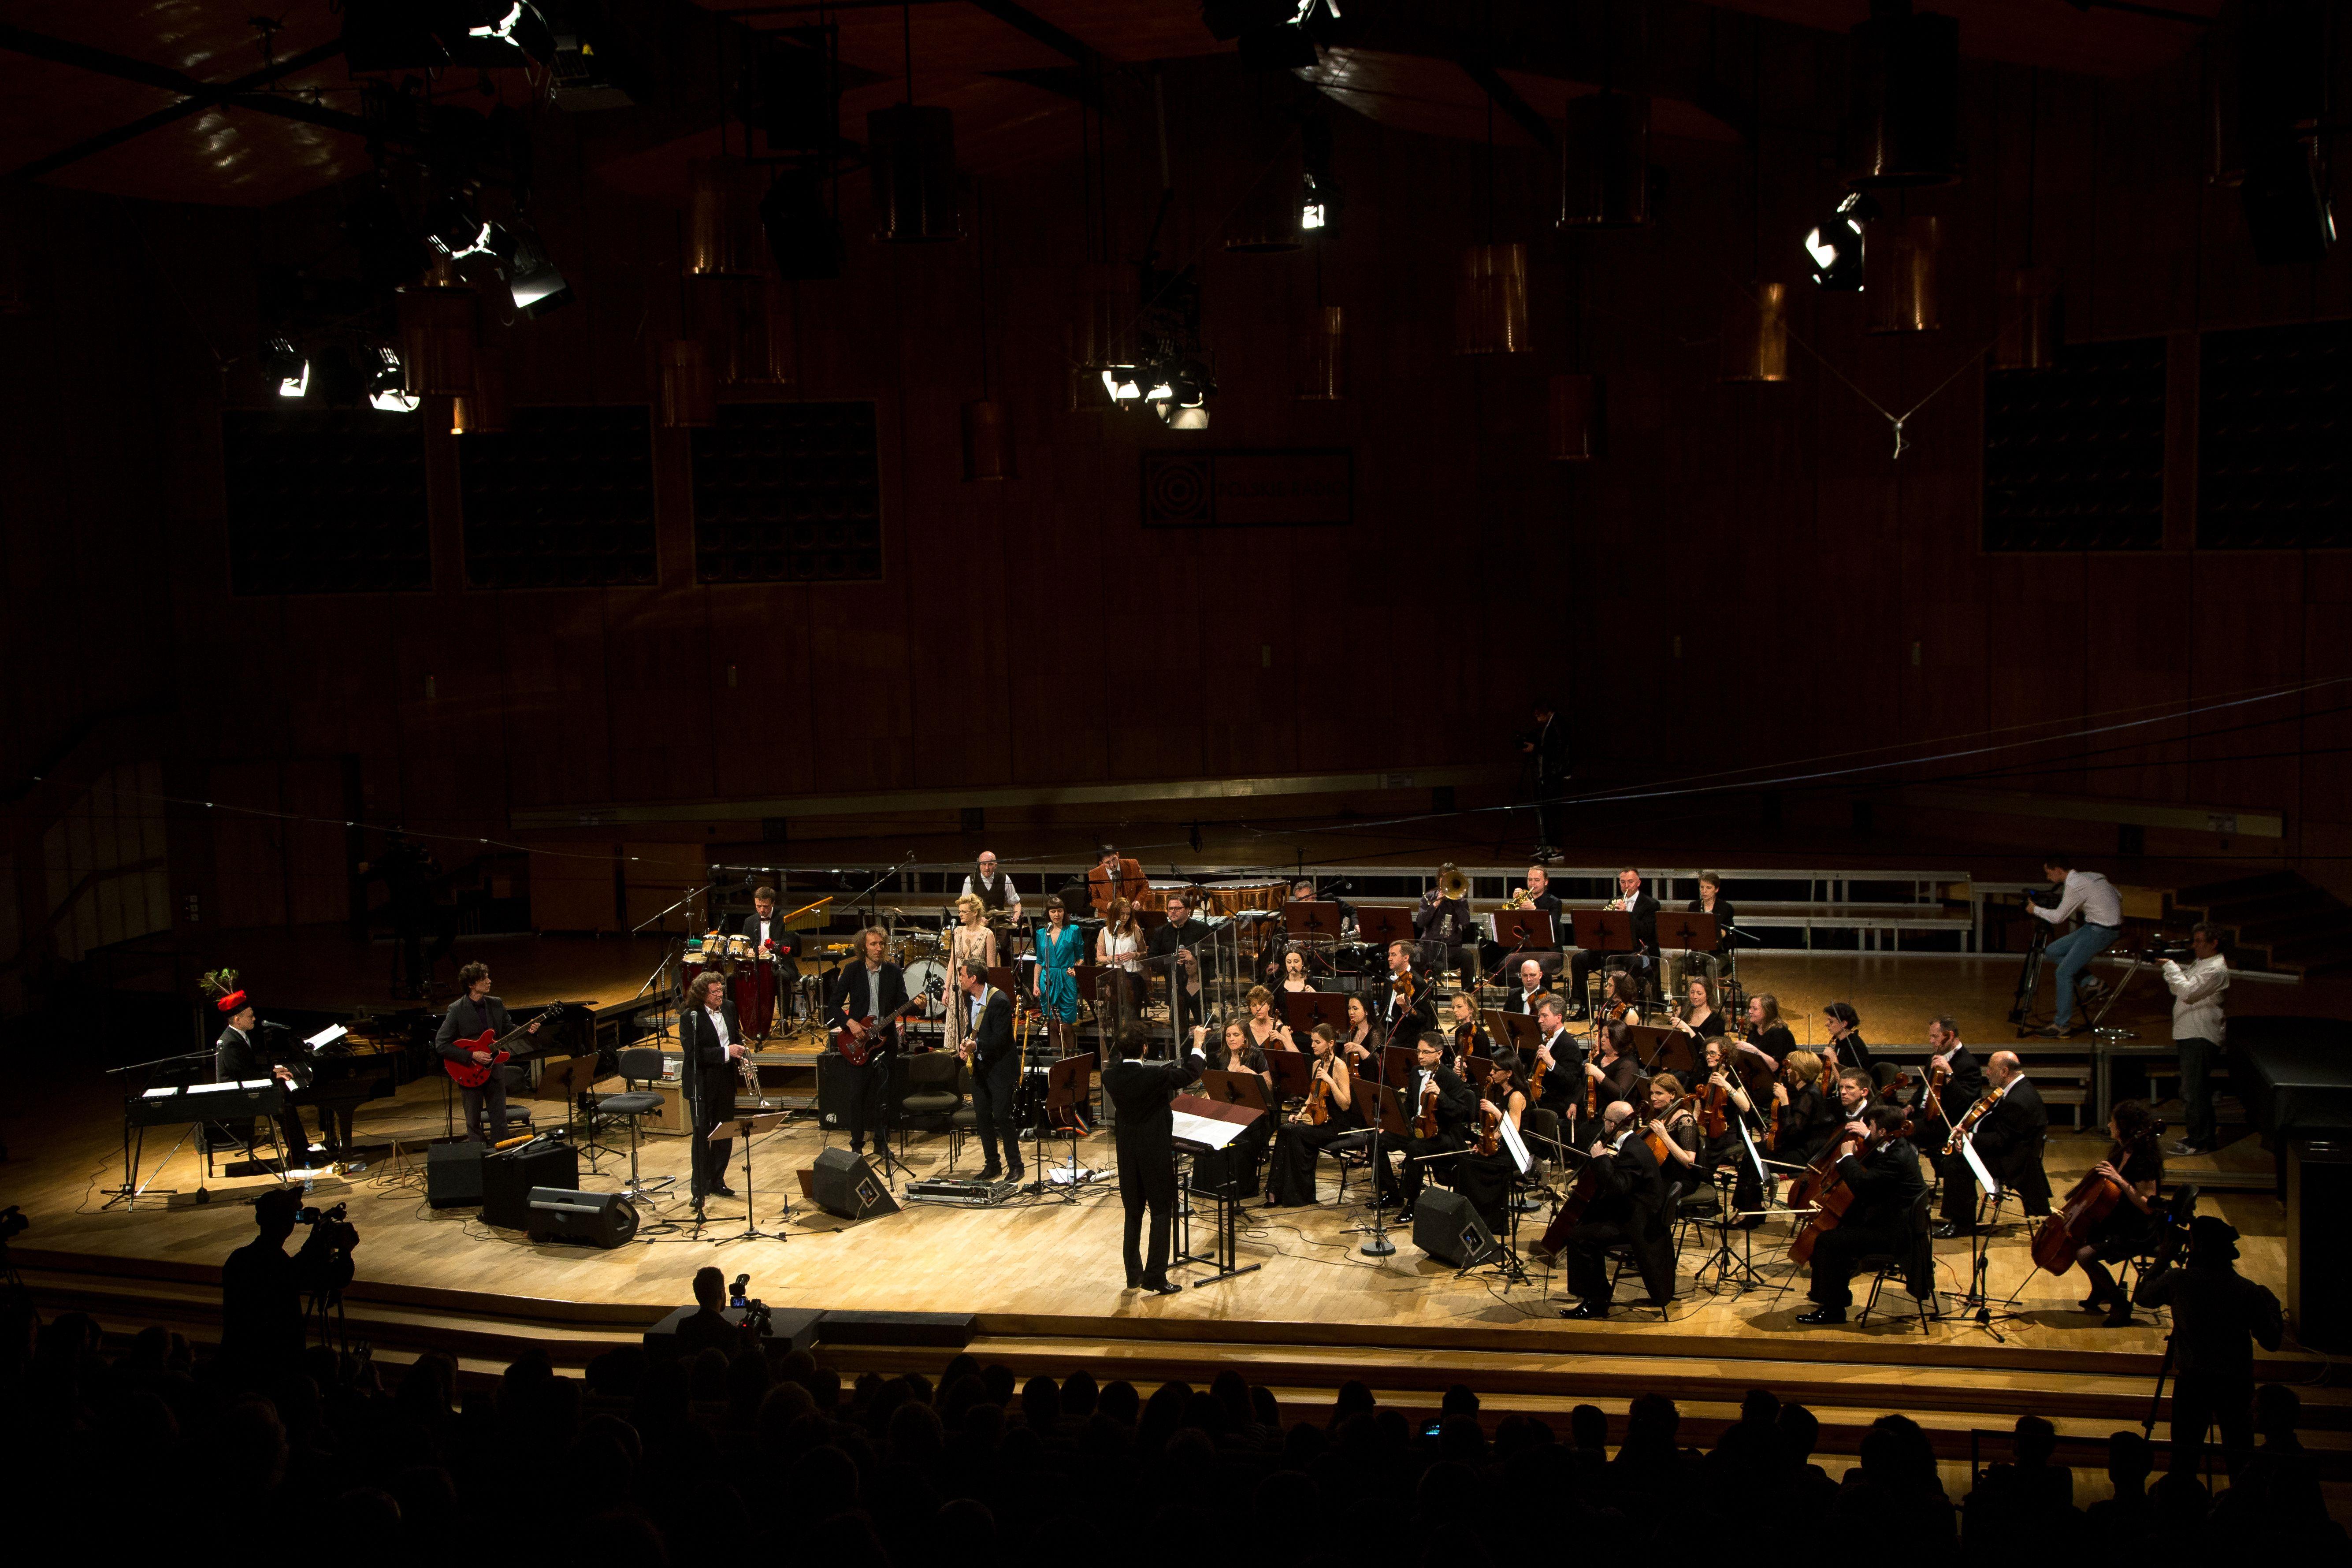 Zbigniew Wodecki podczas koncertu z zespołem Mitch & Mitch (fot. Michał Murawski)